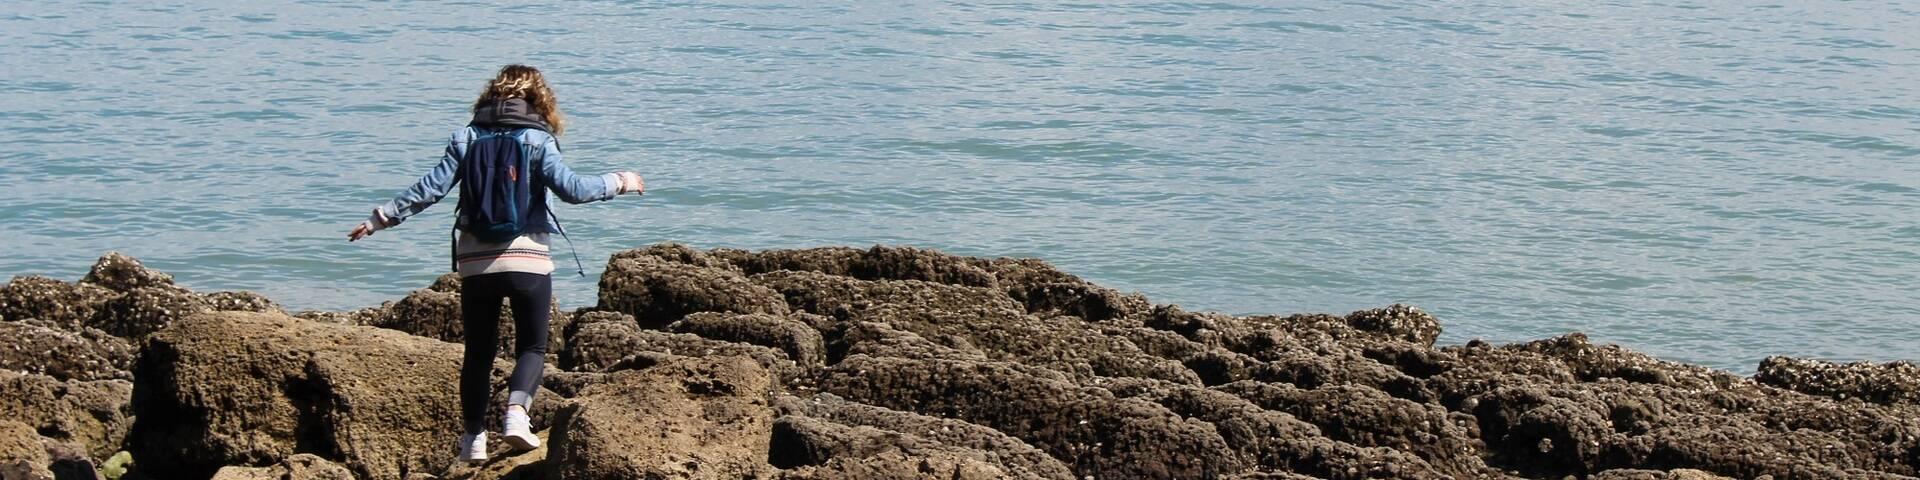 Balade le long de la côte rocheuse